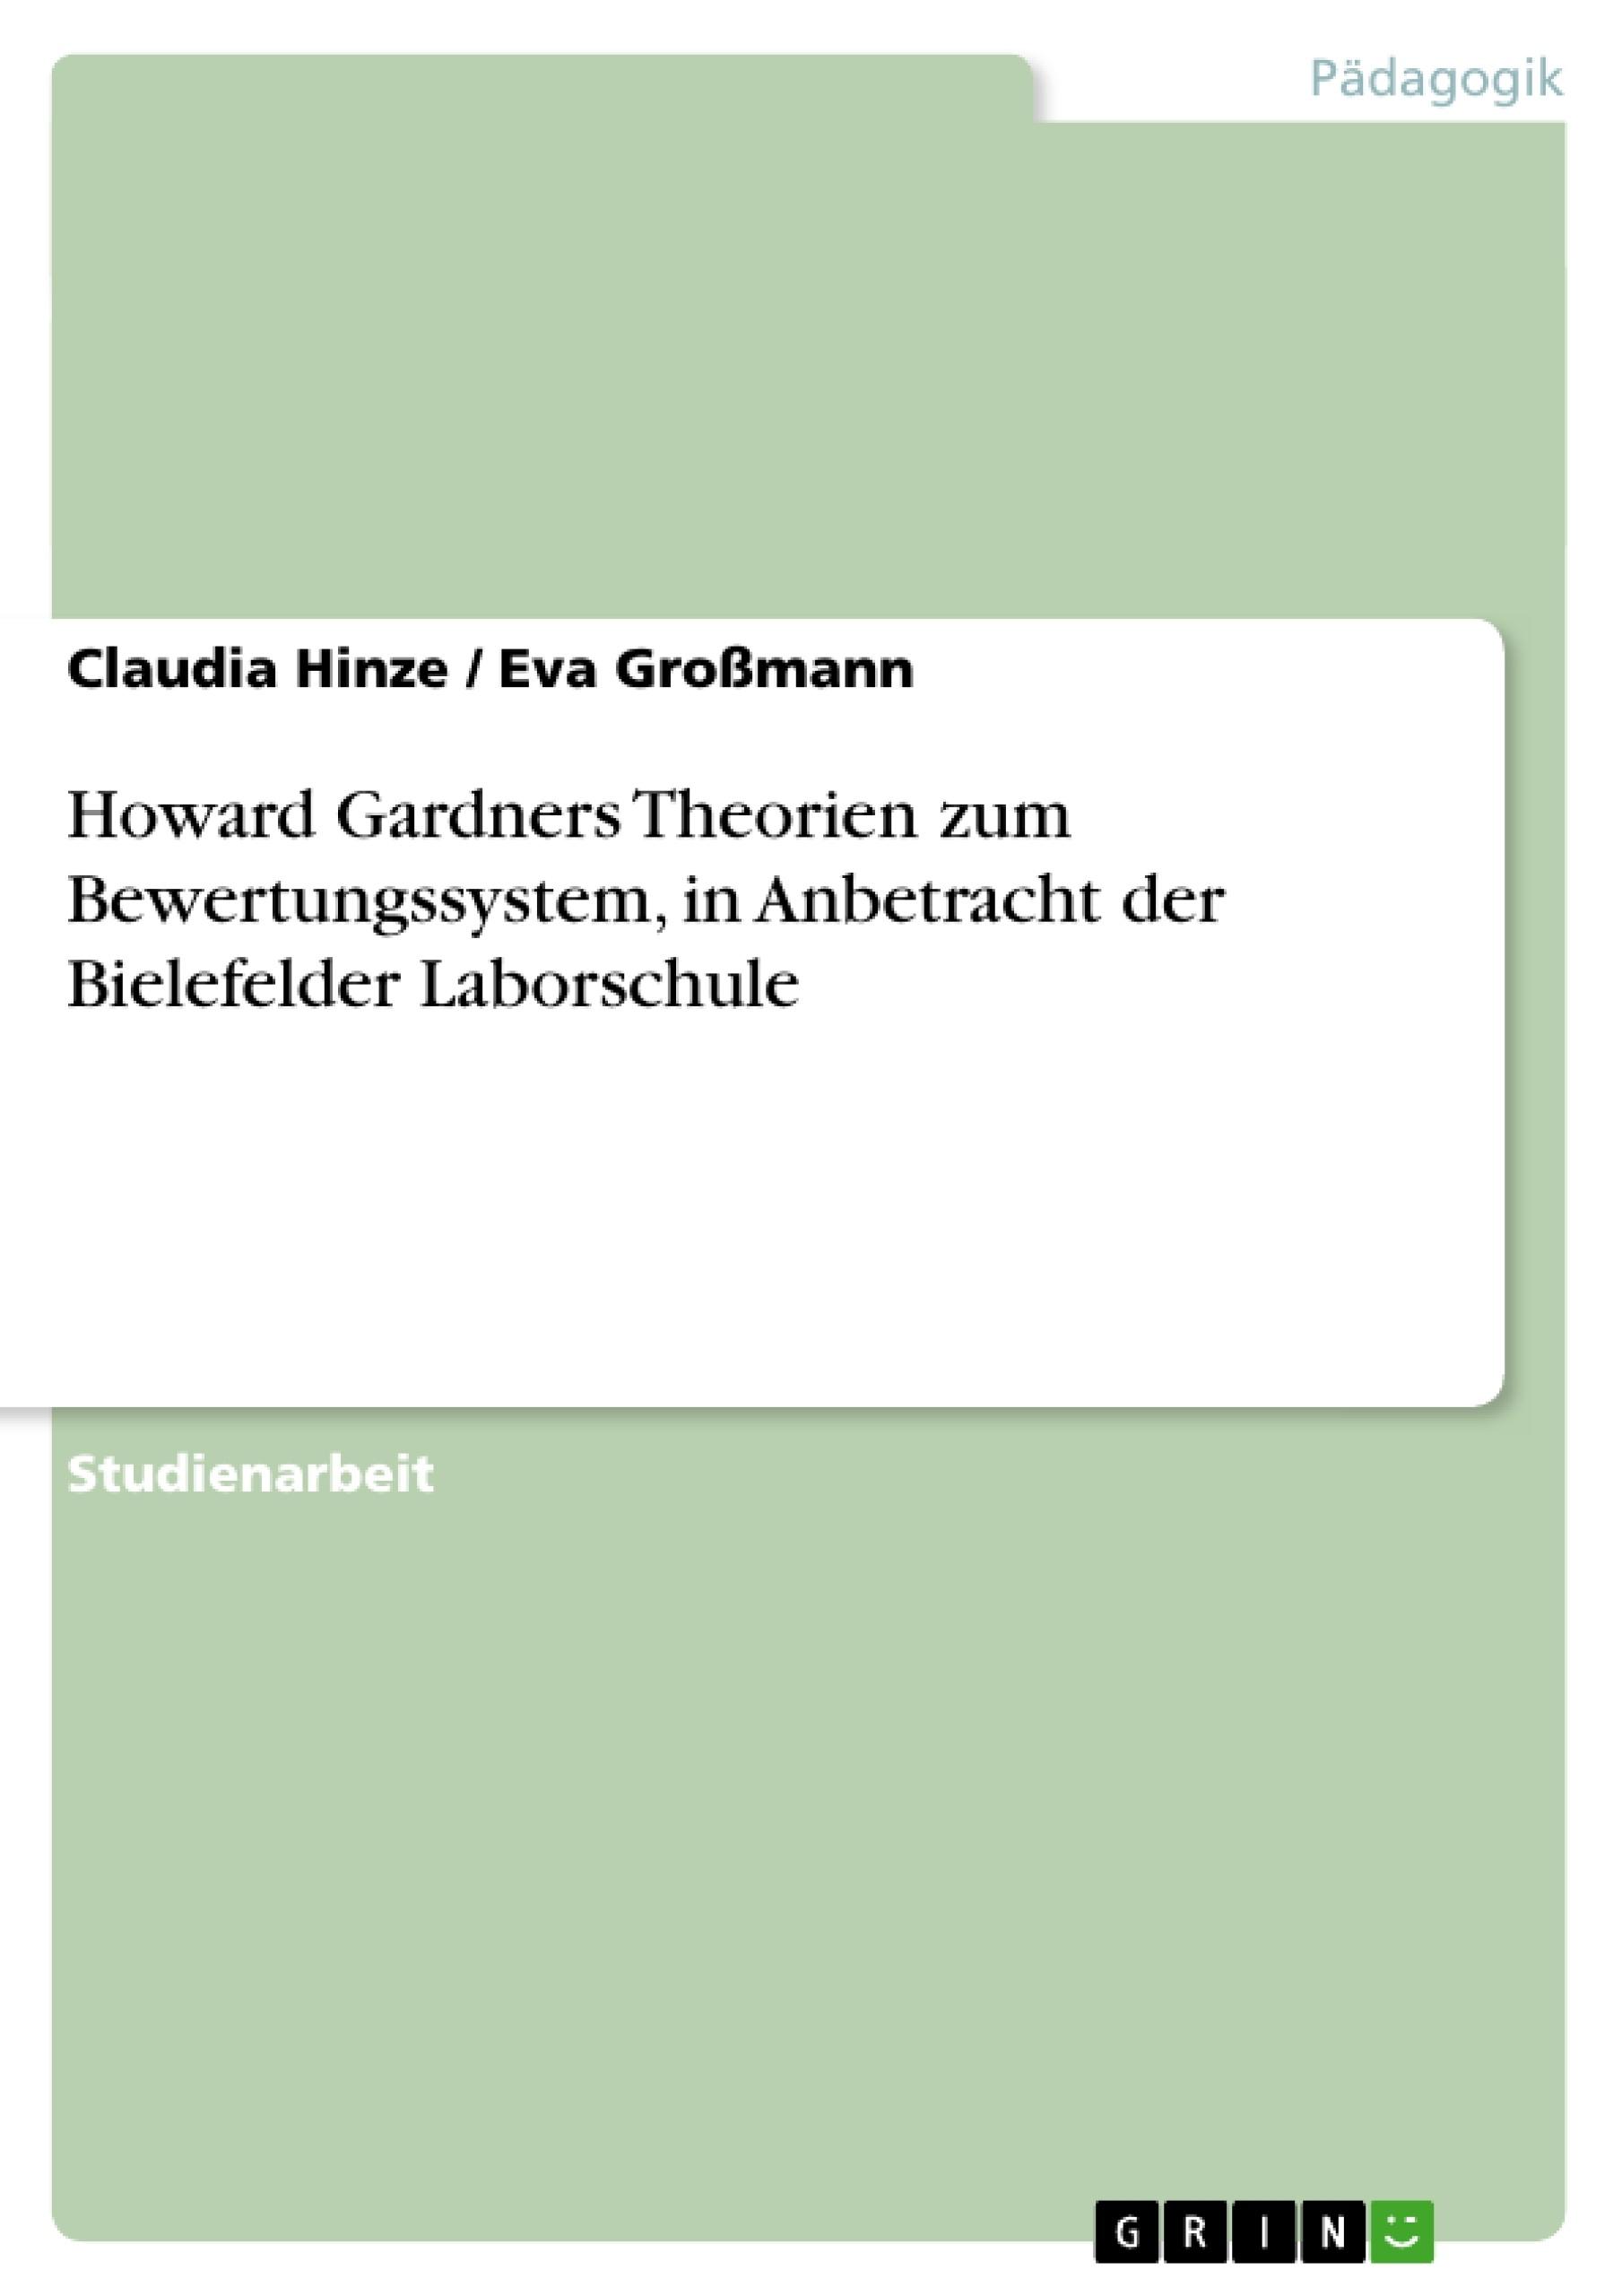 Titel: Howard Gardners Theorien zum Bewertungssystem, in Anbetracht der Bielefelder Laborschule